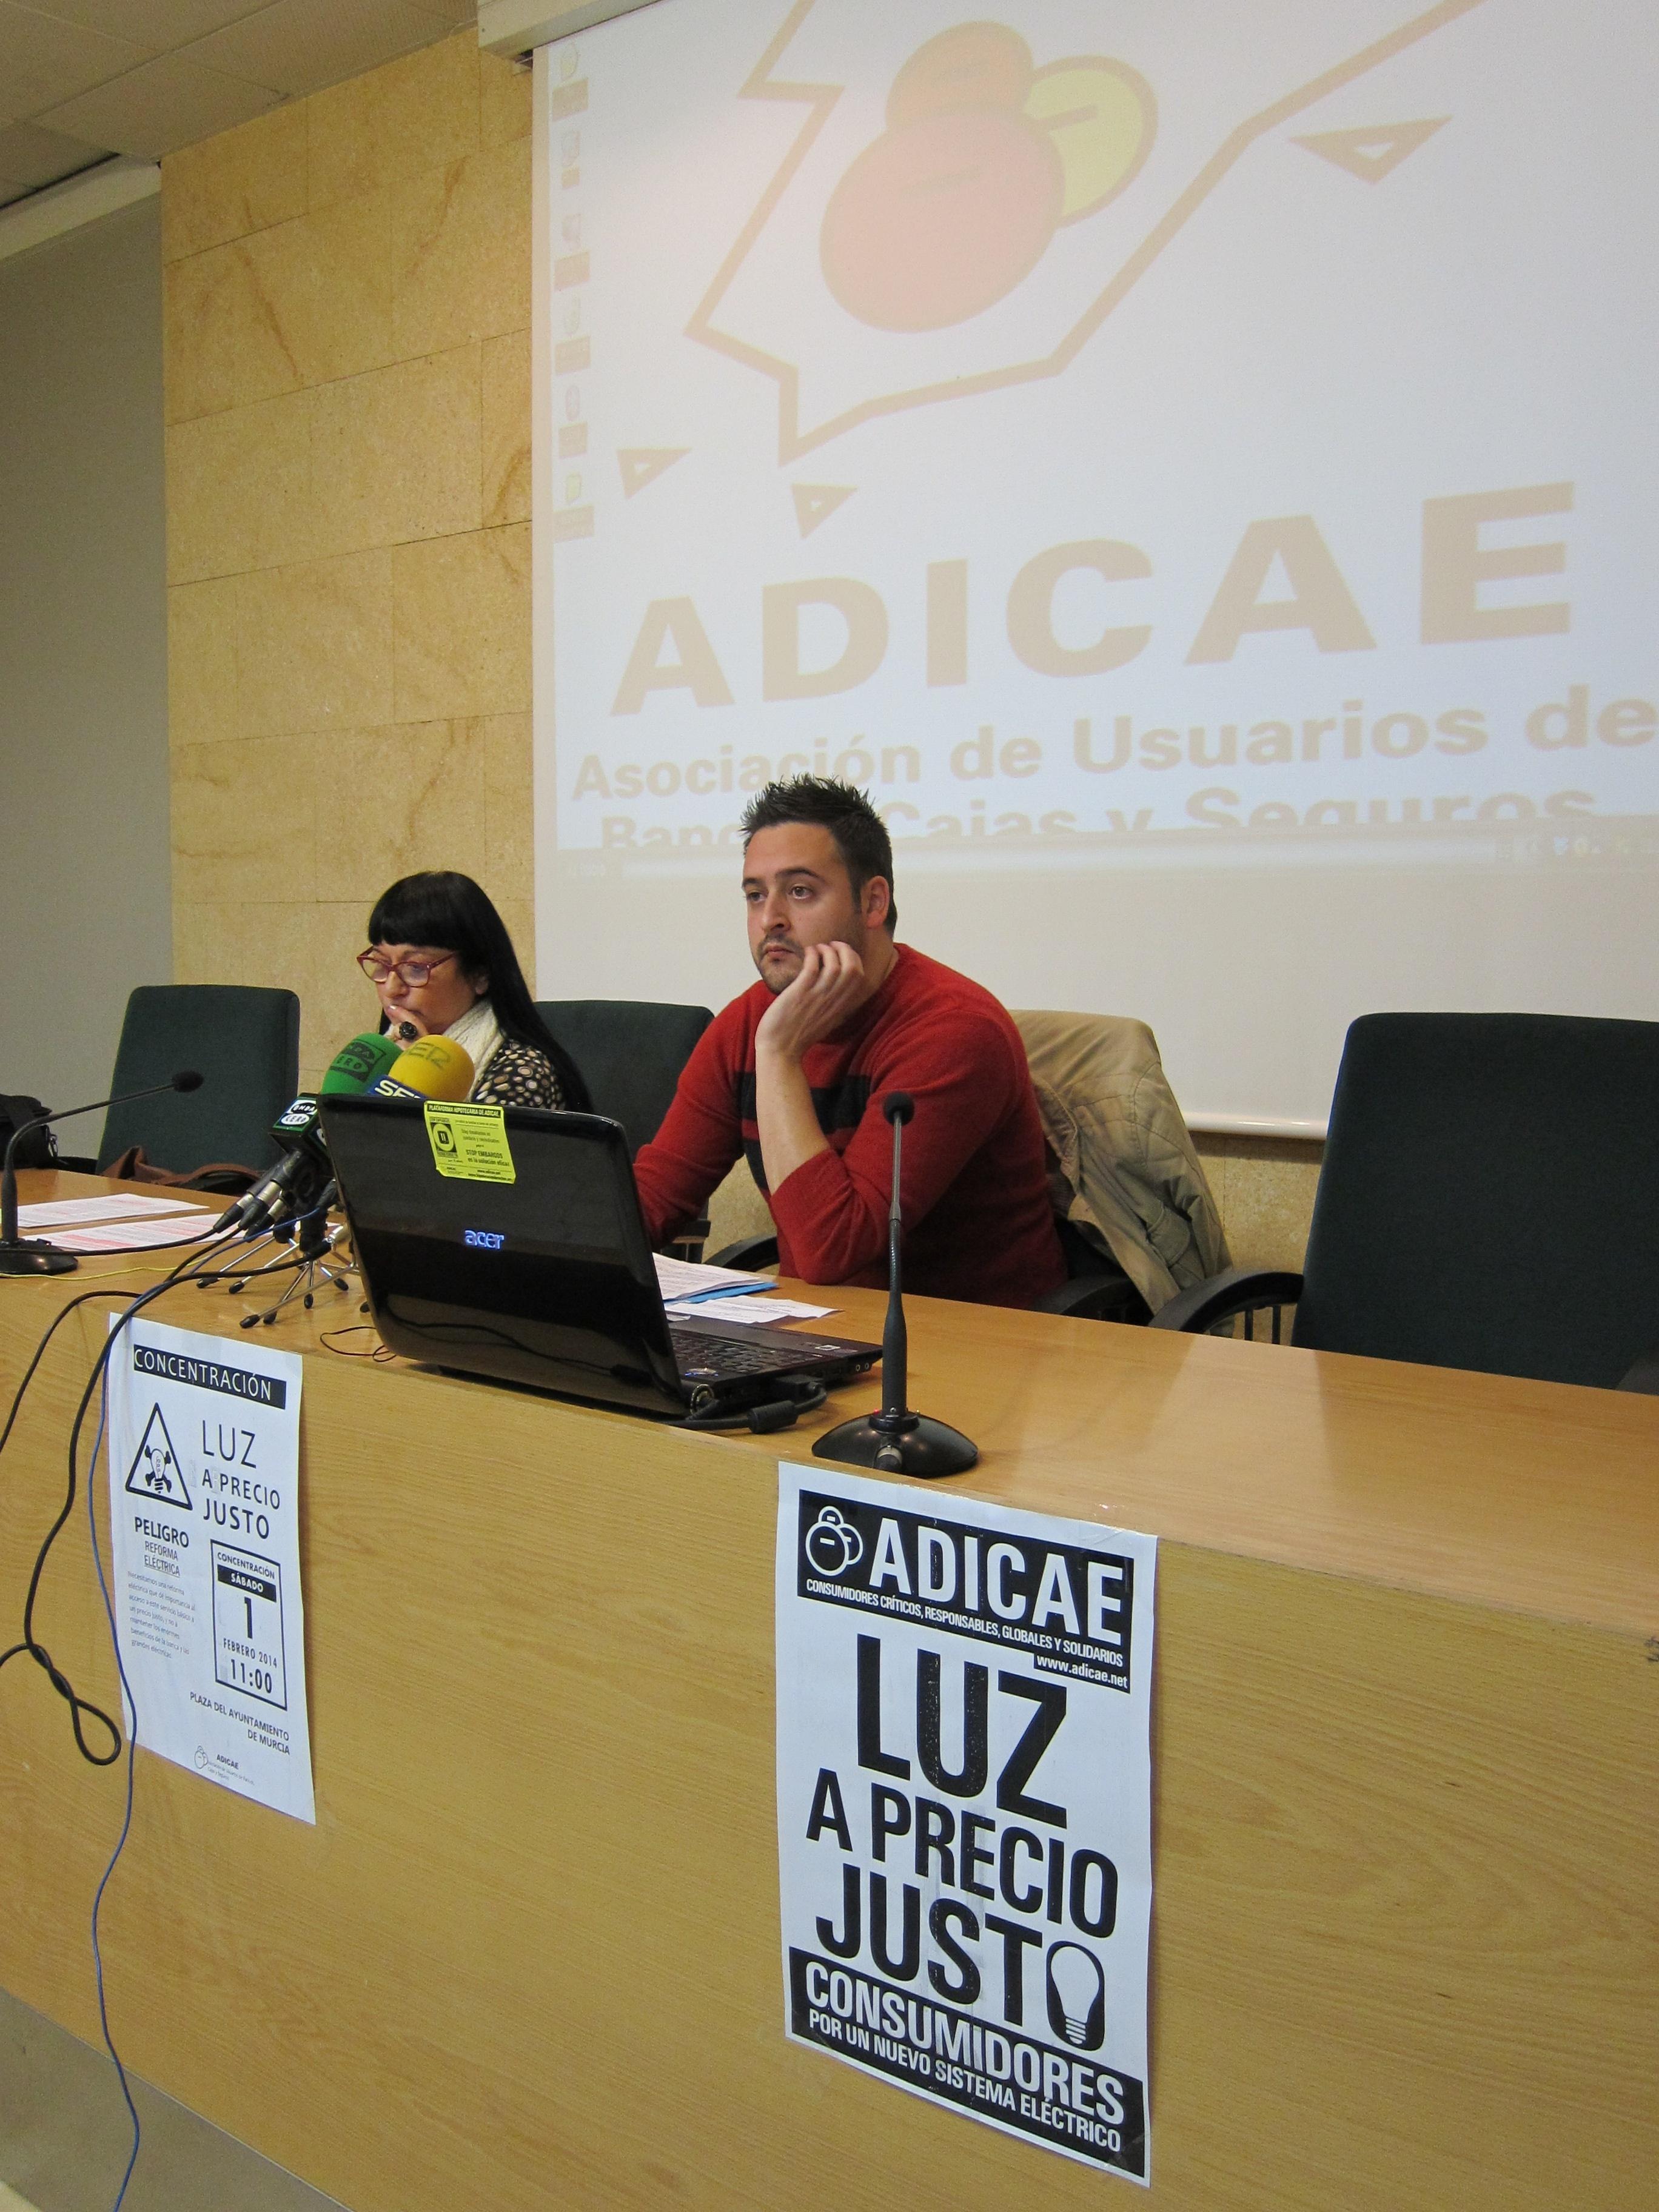 CCOO y Adicae convocan una concentración contra el aumento de la luz, que en Murcia aumenta un 31% en últimos 4 años